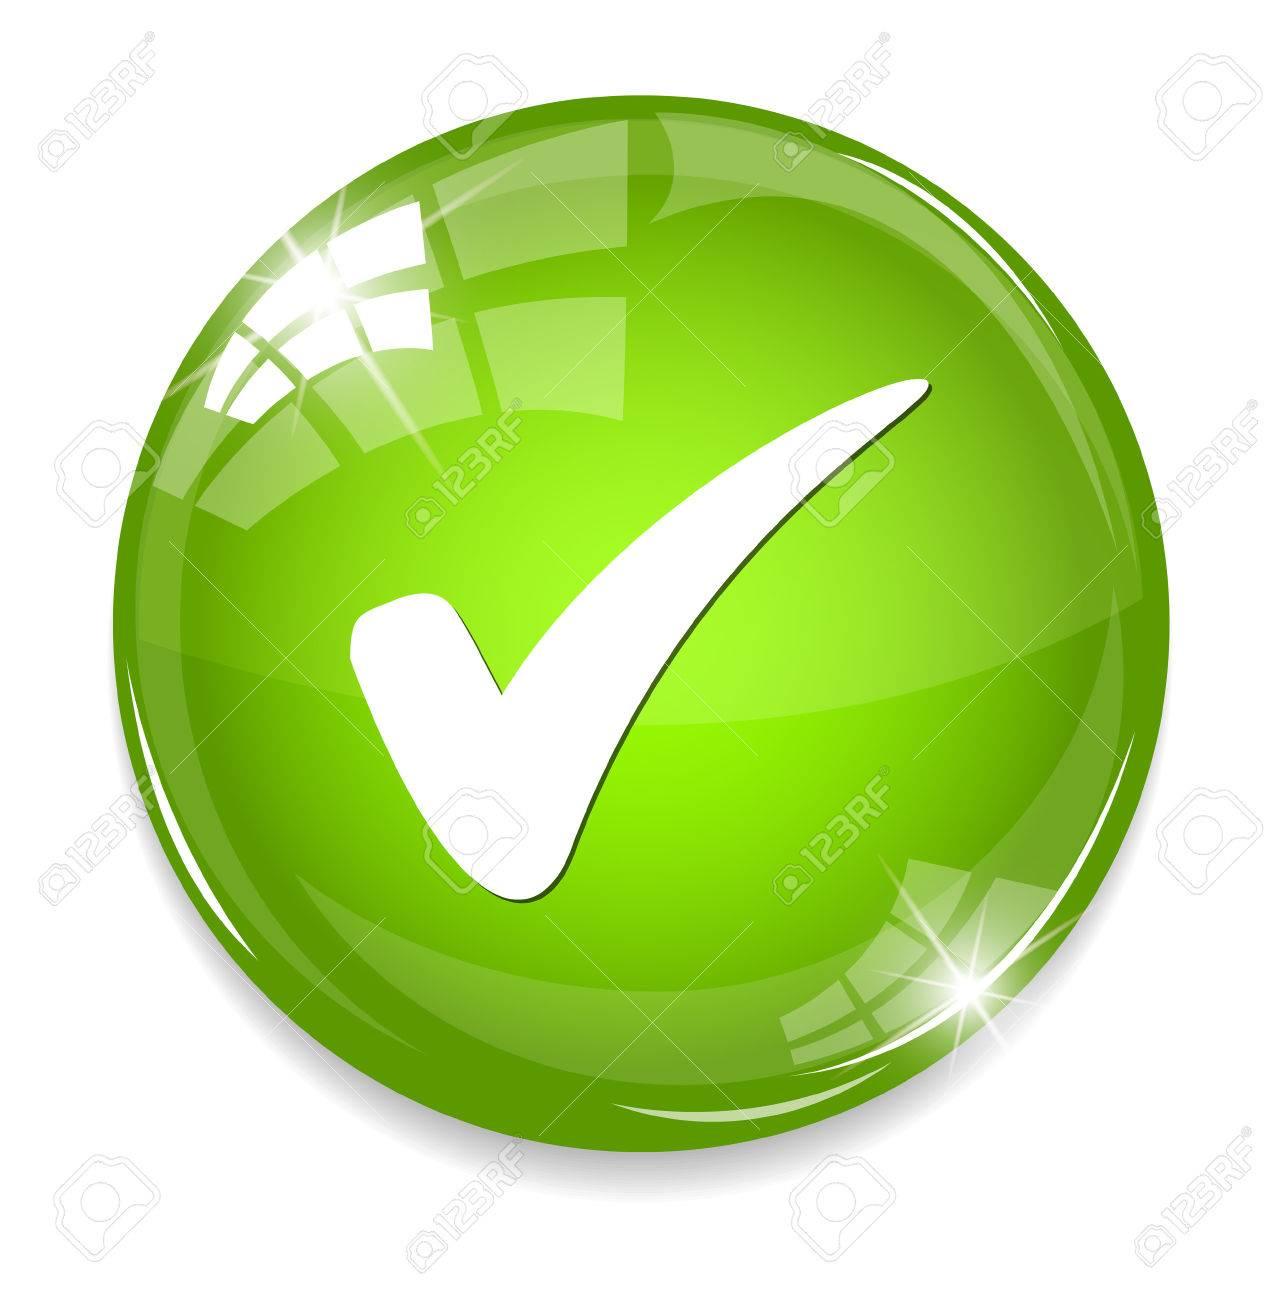 check mark button - 32952365